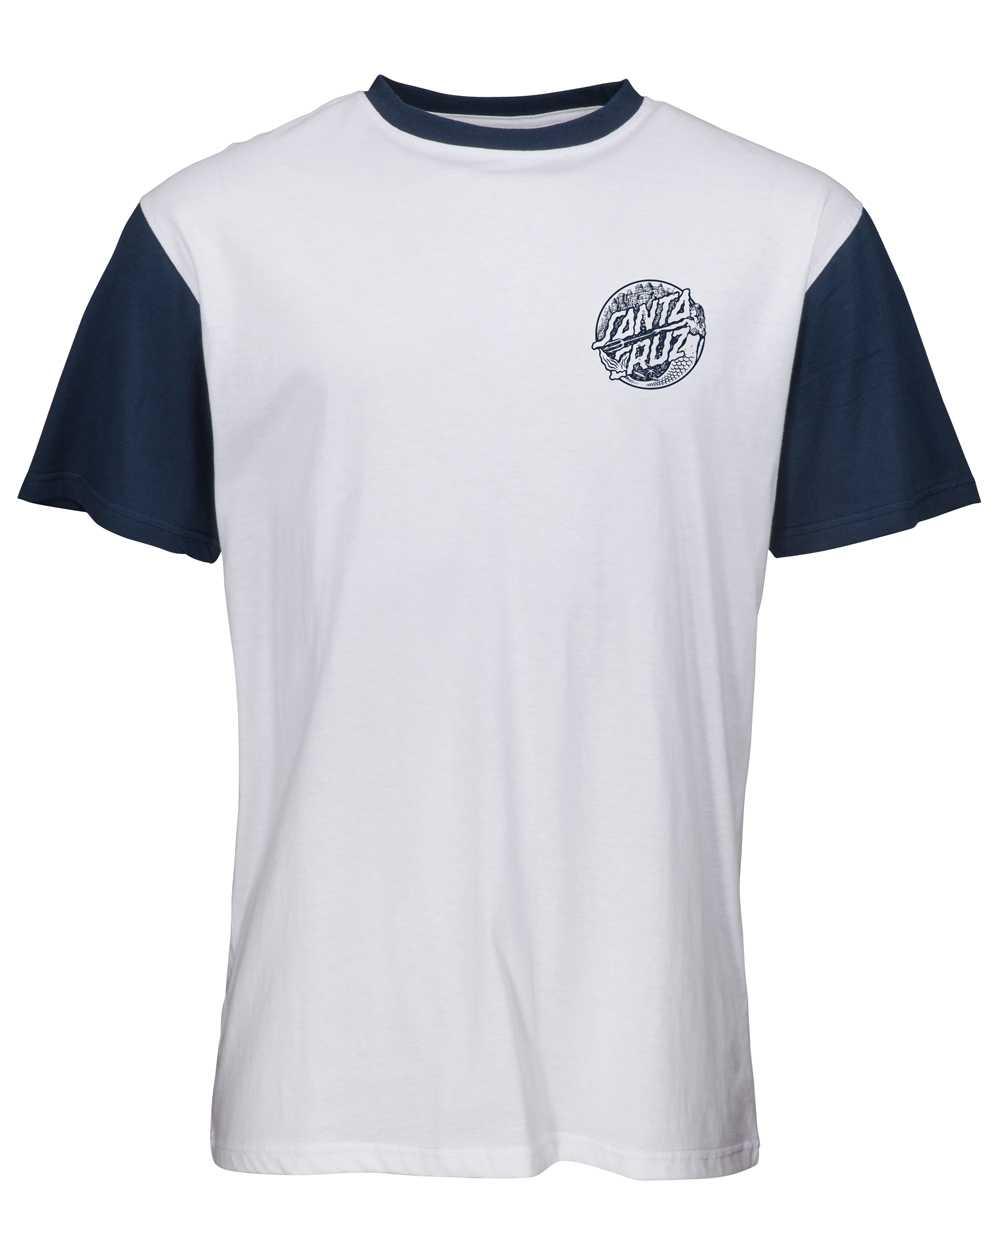 Santa Cruz Mermaid Dot Camiseta para Hombre White